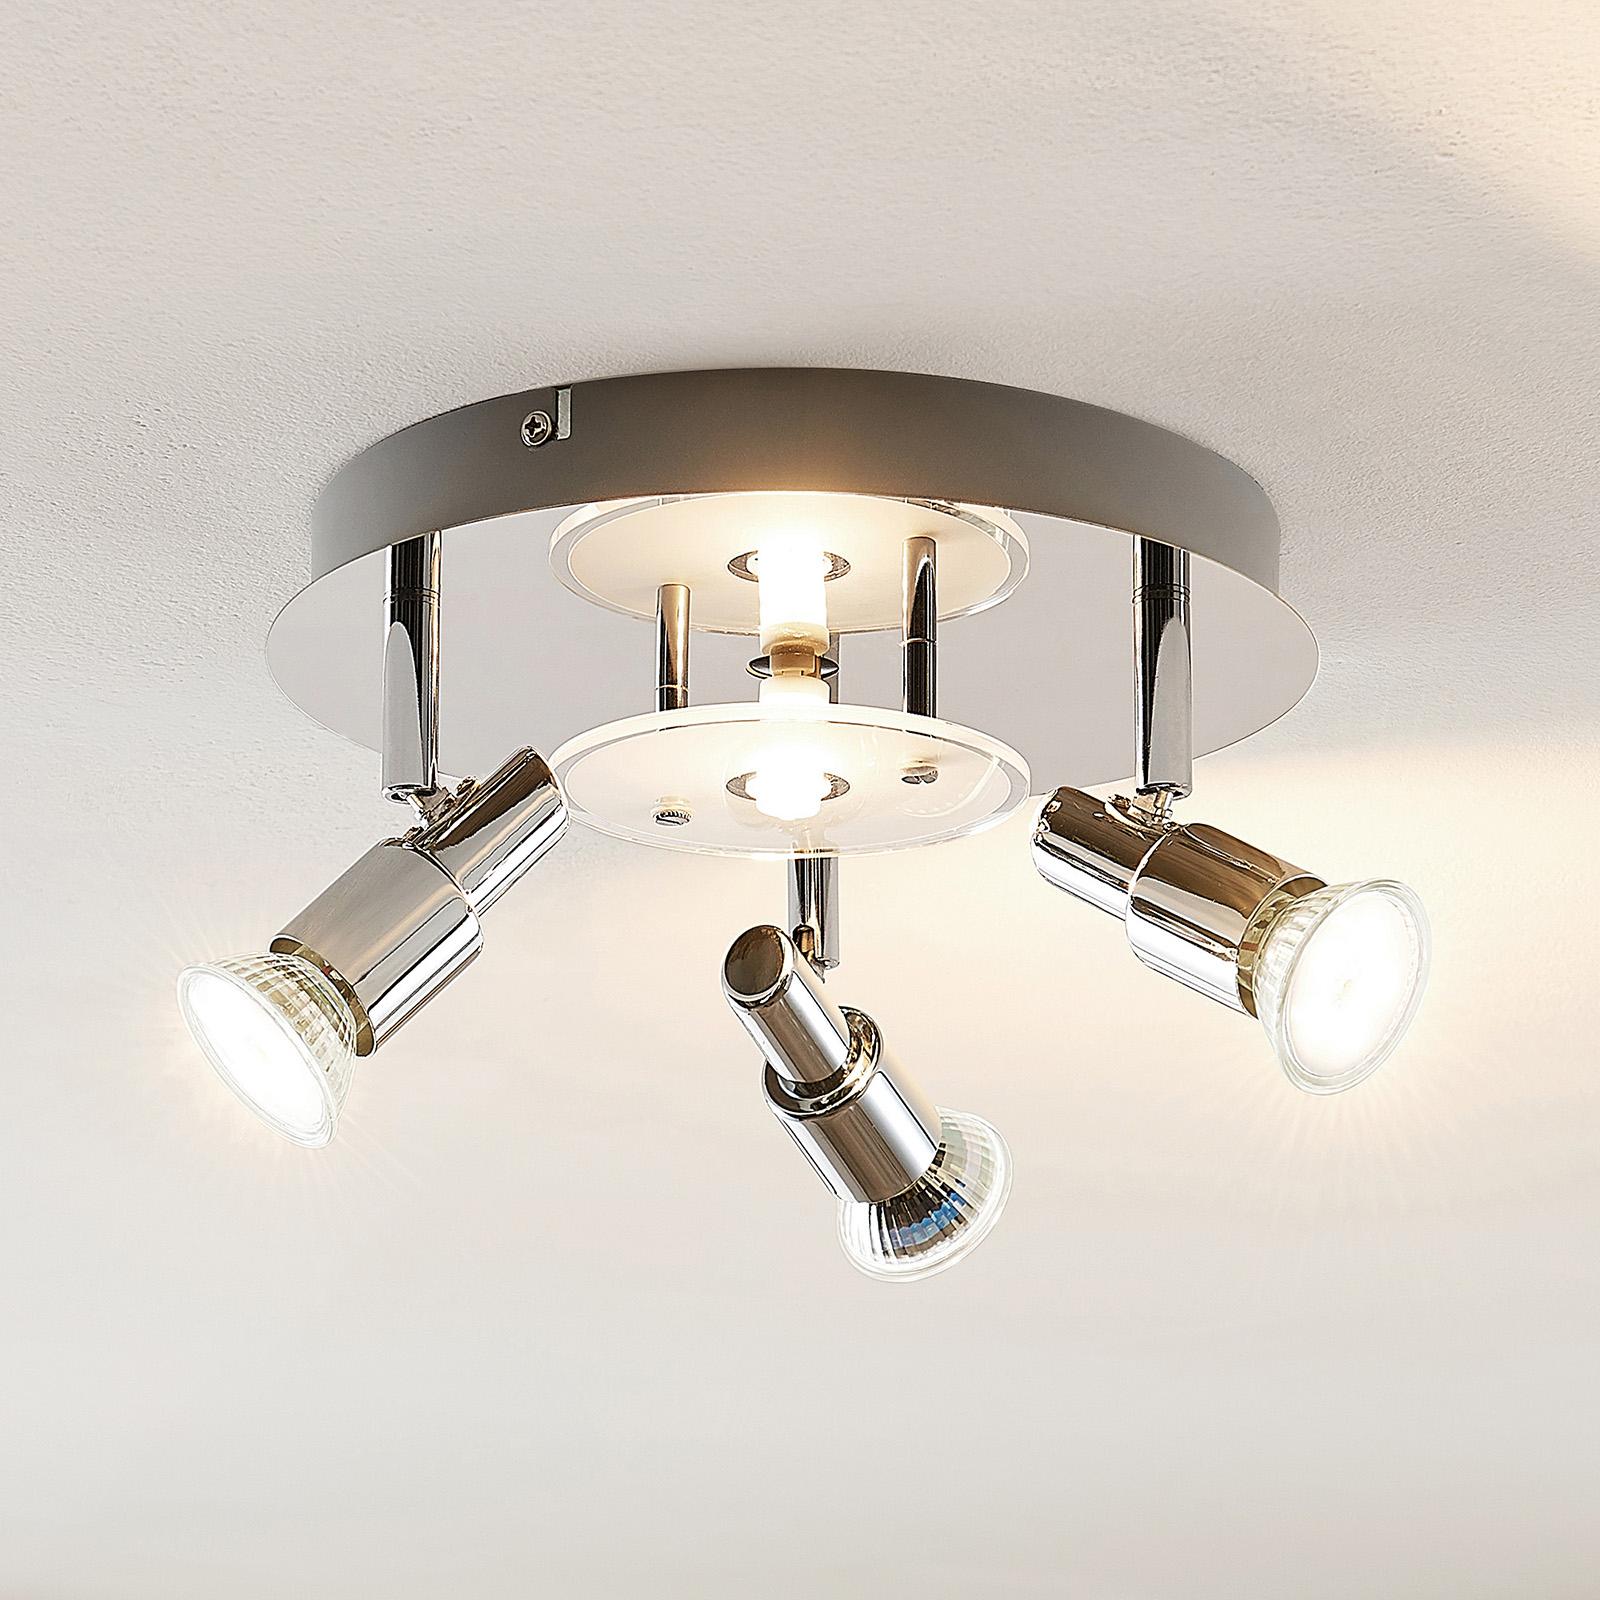 ELC Pelagia LED-taklampe, 4 lyskilder